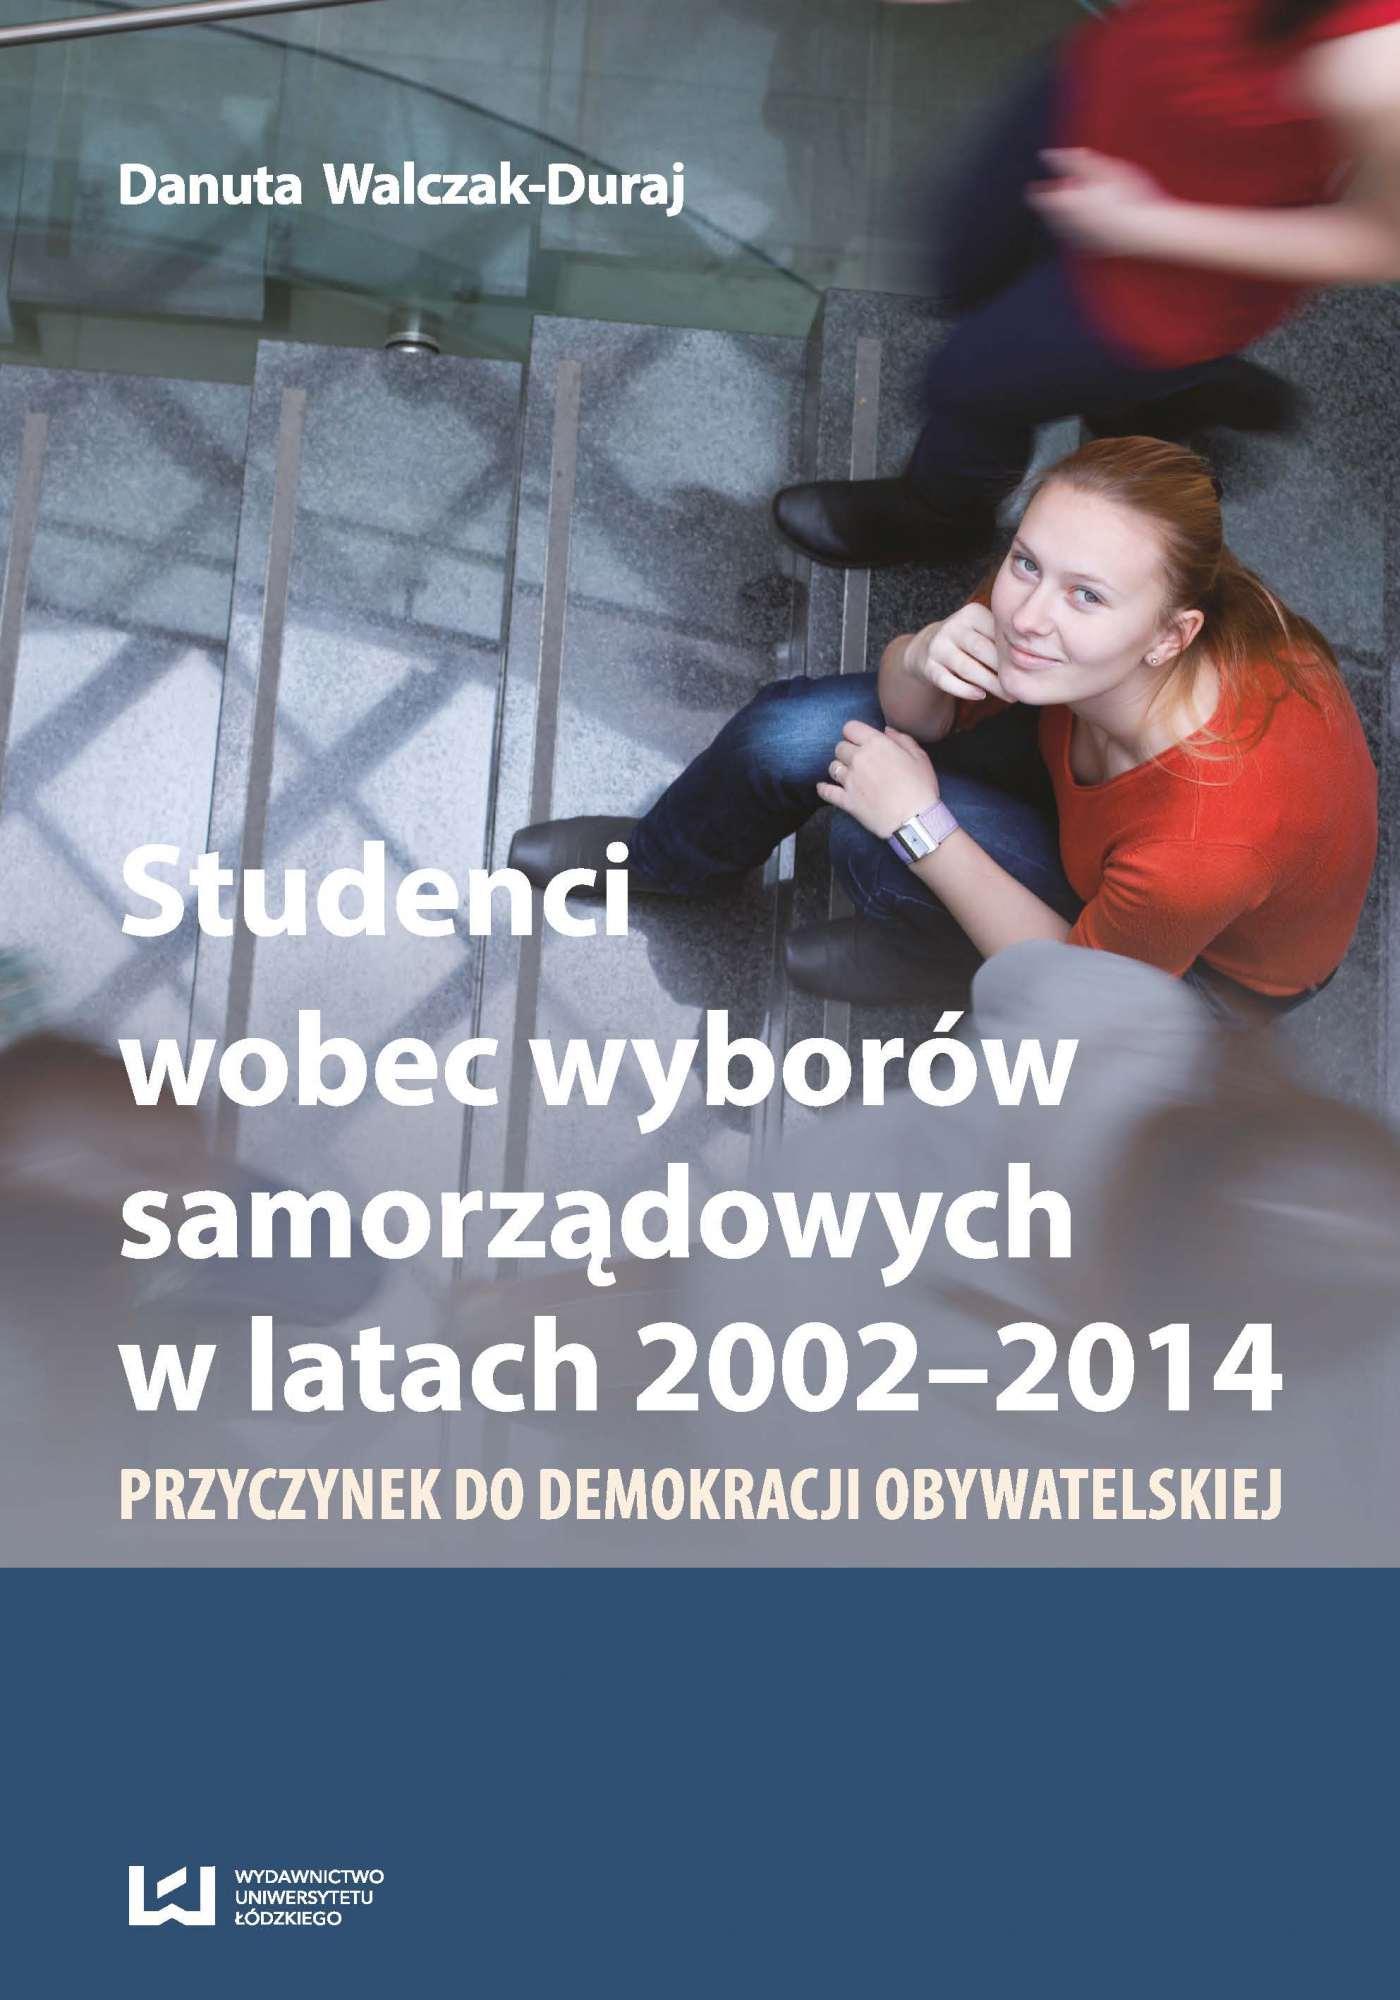 Studenci wobec wyborów samorządowych w latach 2002-2014. Przyczynek do demokracji obywatelskiej - Ebook (Książka PDF) do pobrania w formacie PDF